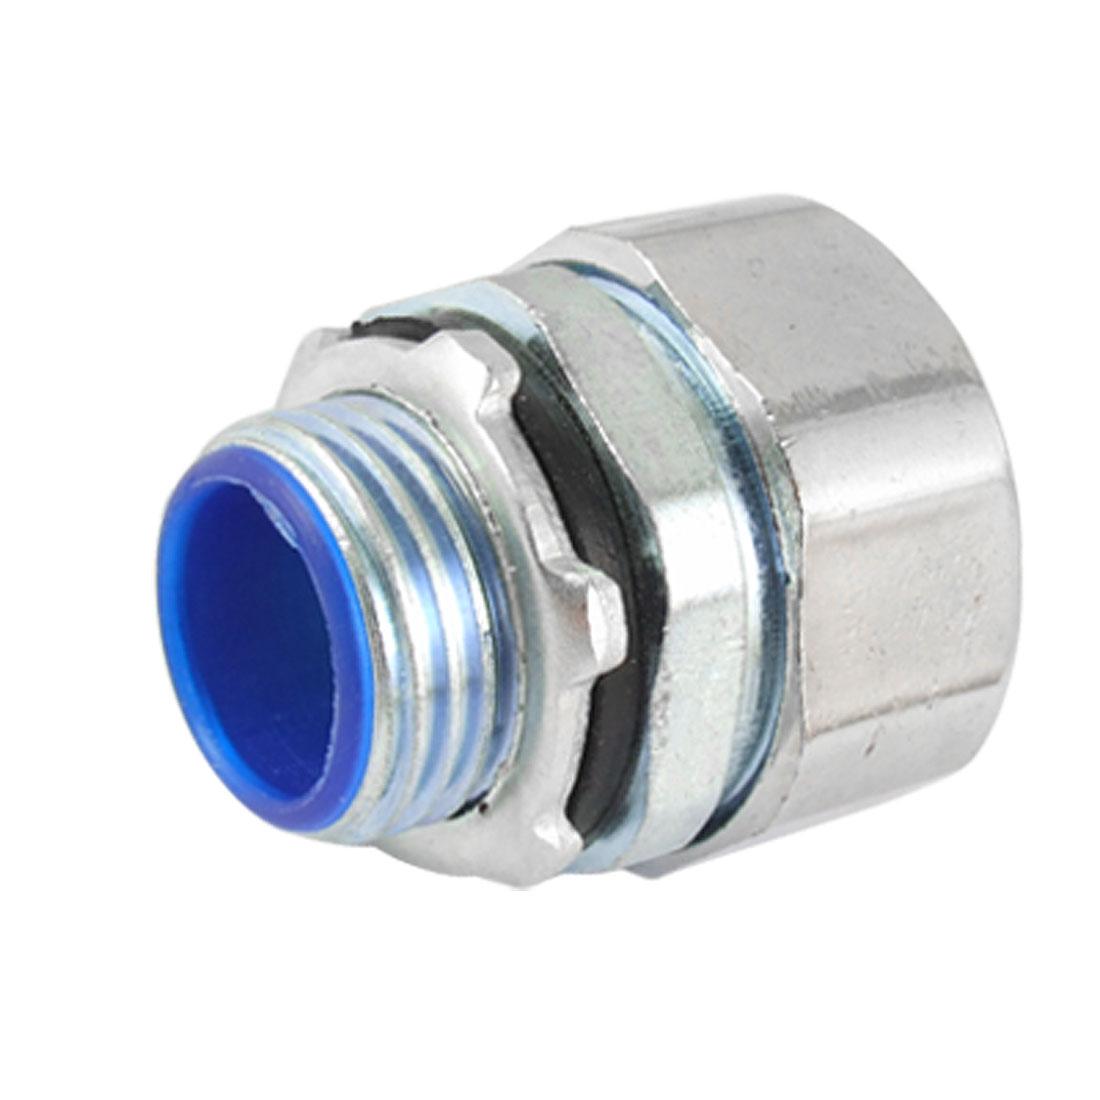 Unique Bargains 20mm Thread to 14mm Flexible Conduit Quick Coupling